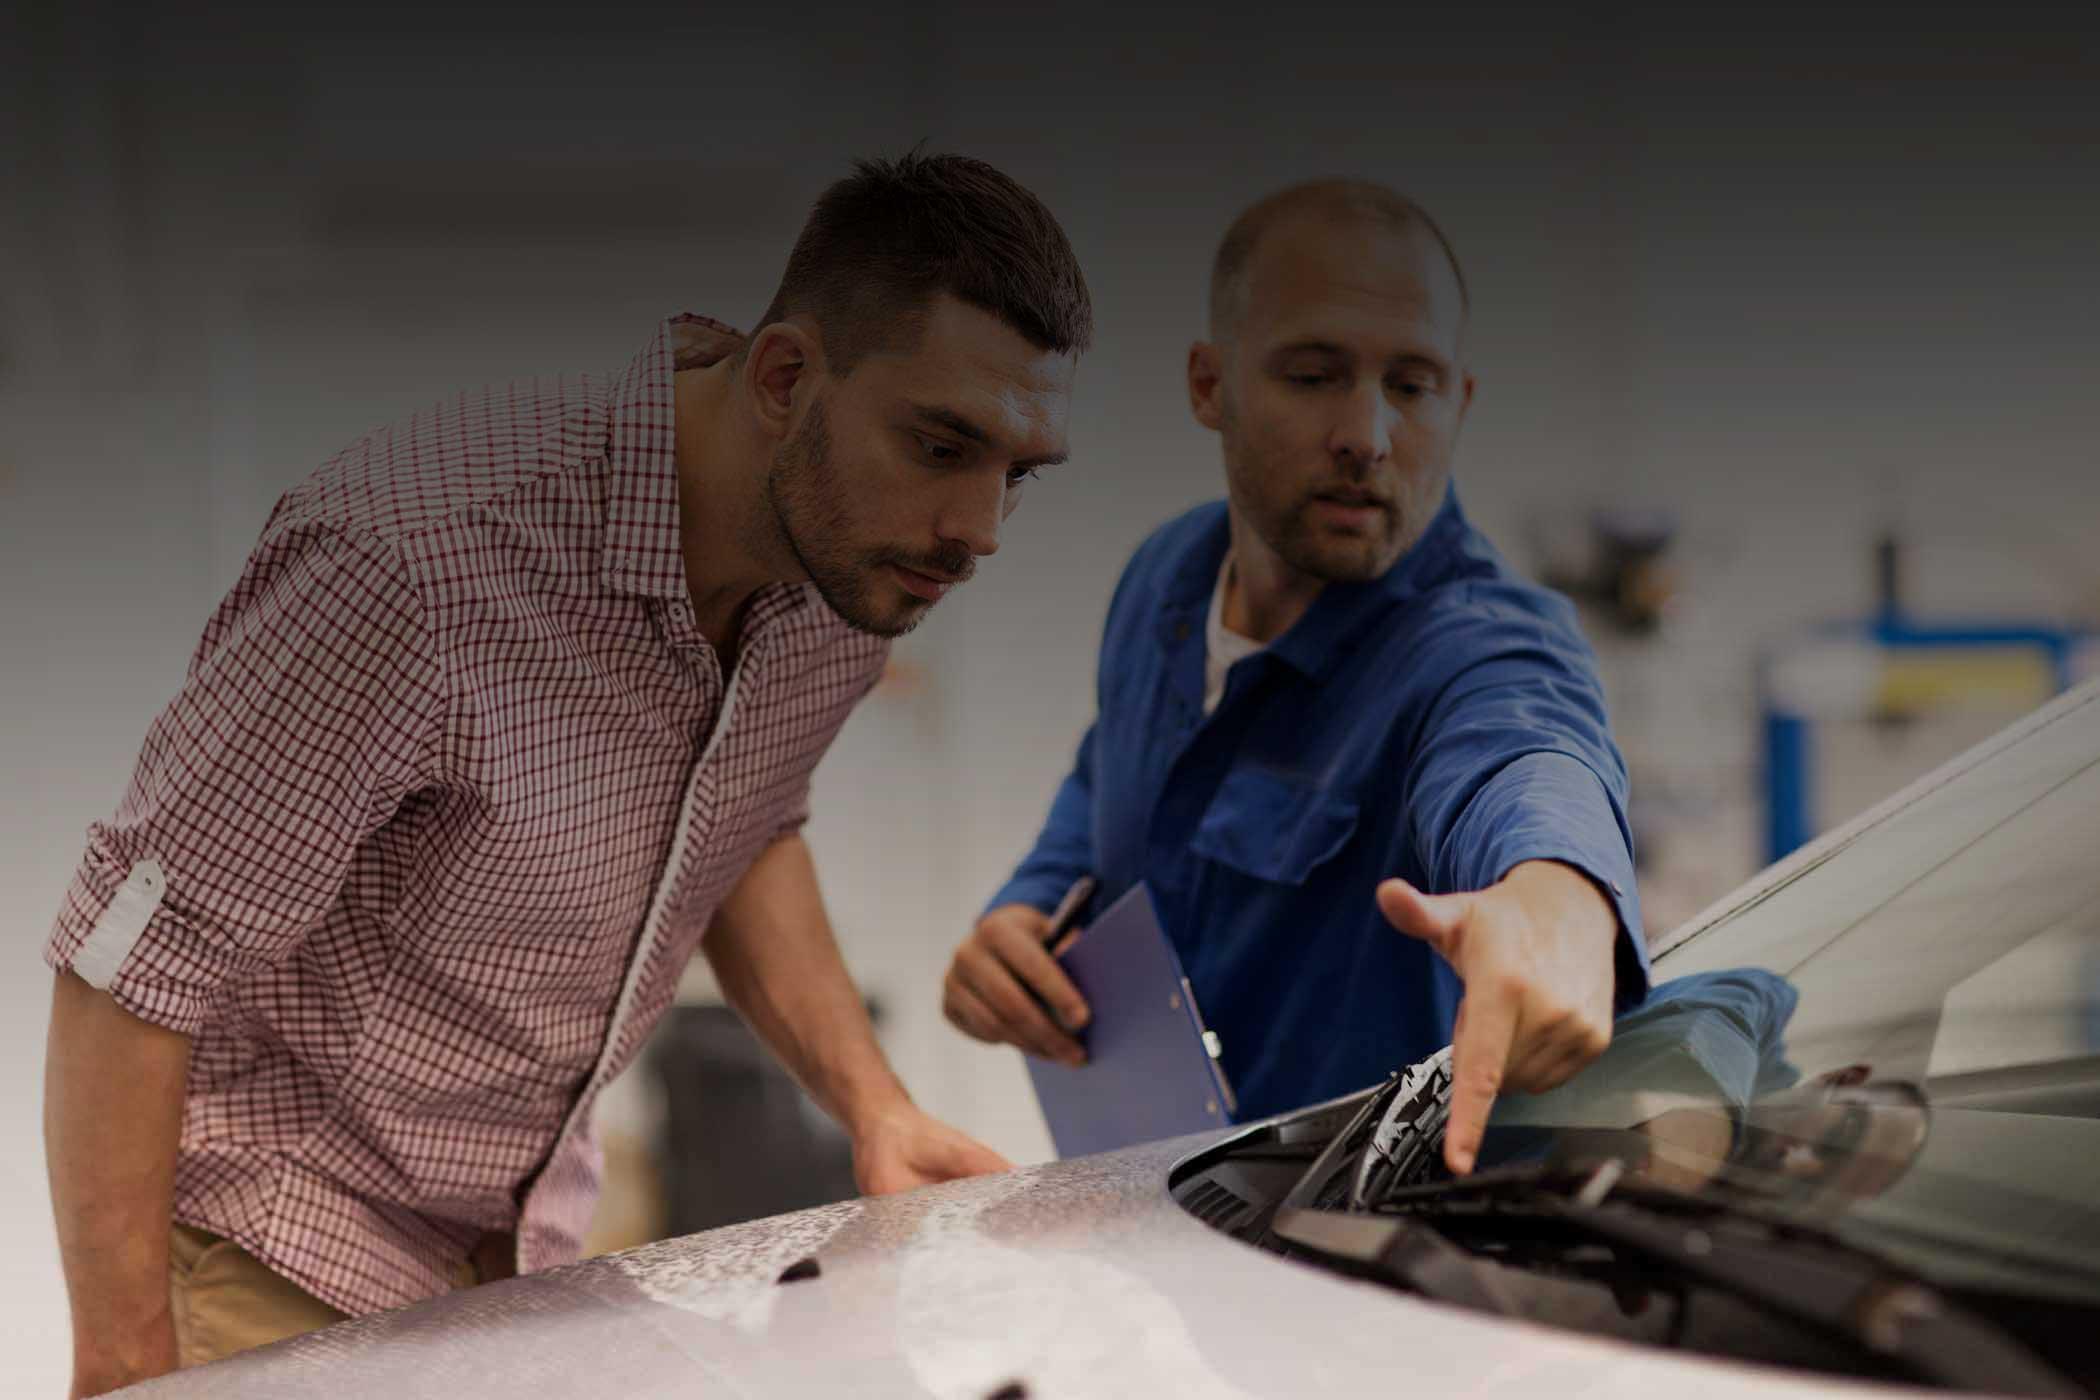 windshield-repair-company-technician-auto-glass-ma-slider